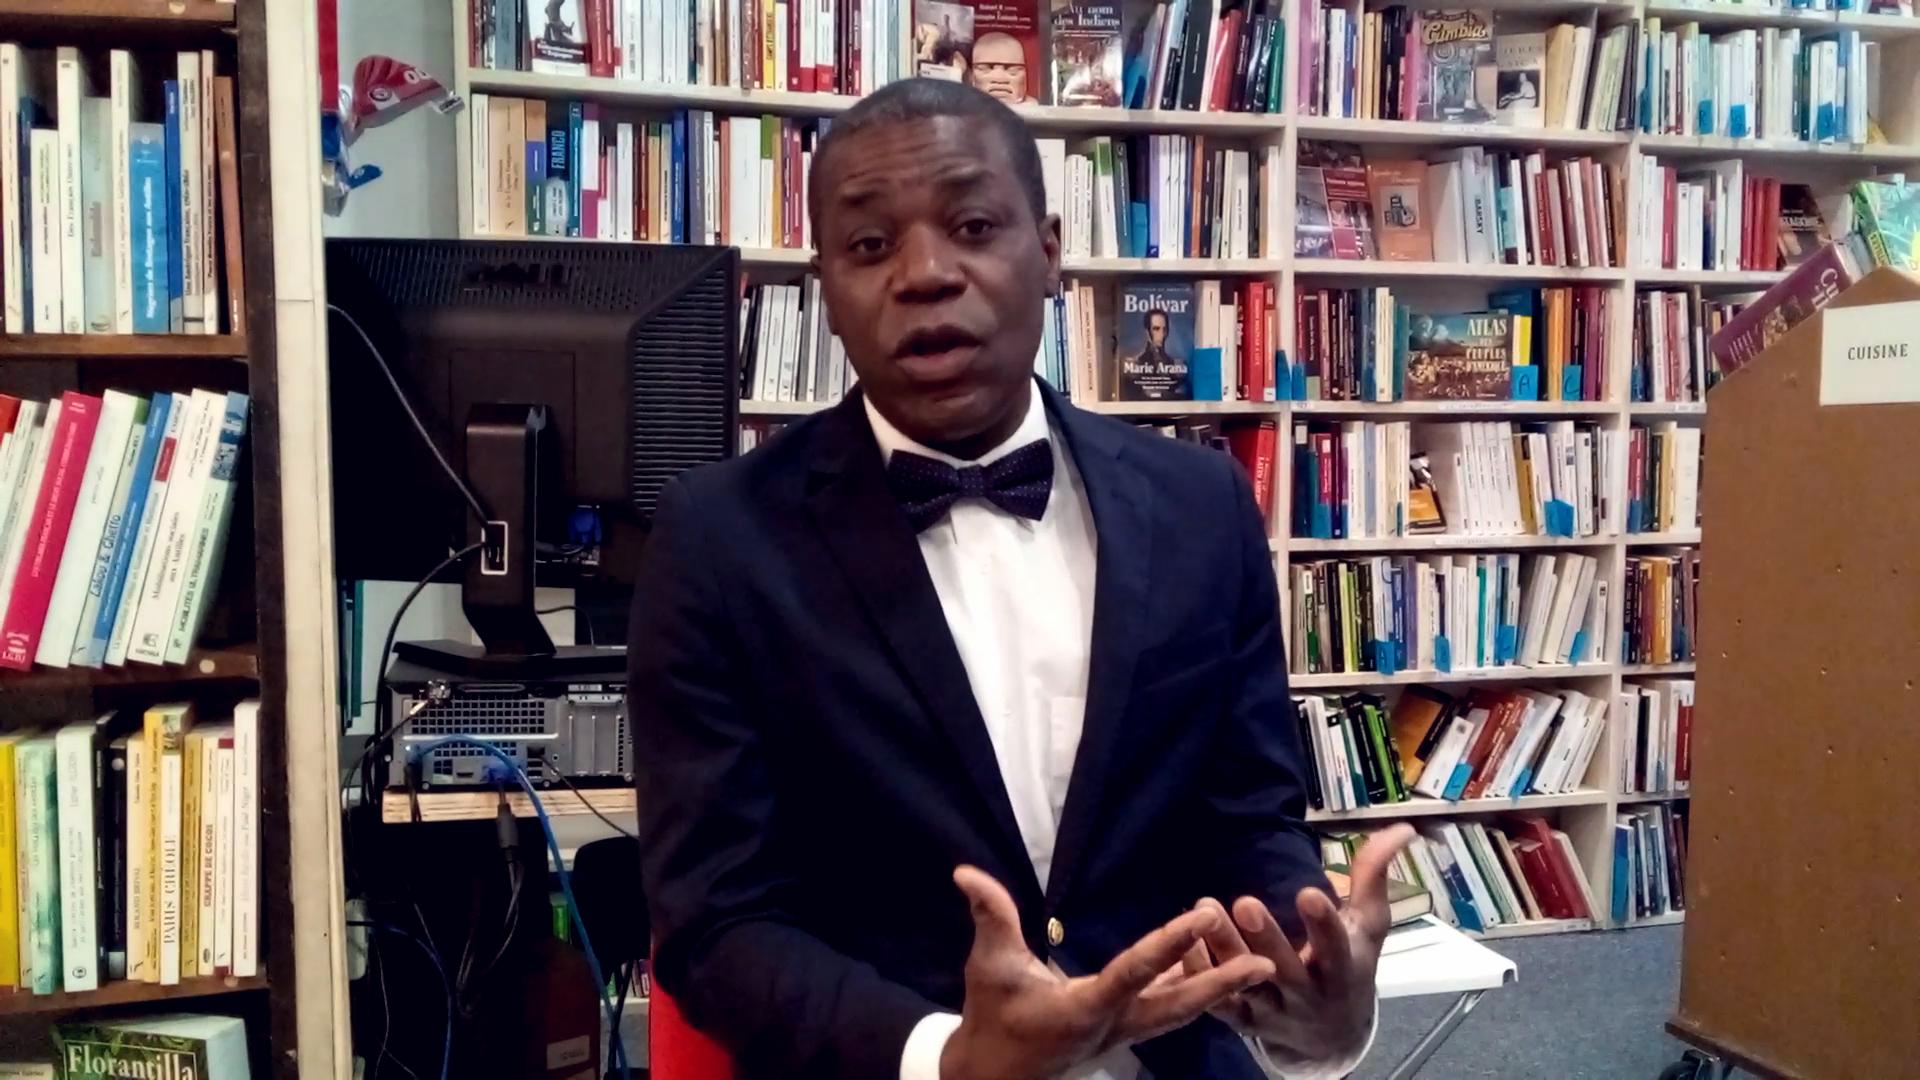 FRESQUE CONGOLAISE_RICHARD OSSOMA-LESMOIS EN PARLE SUR FIRST MEDIAC